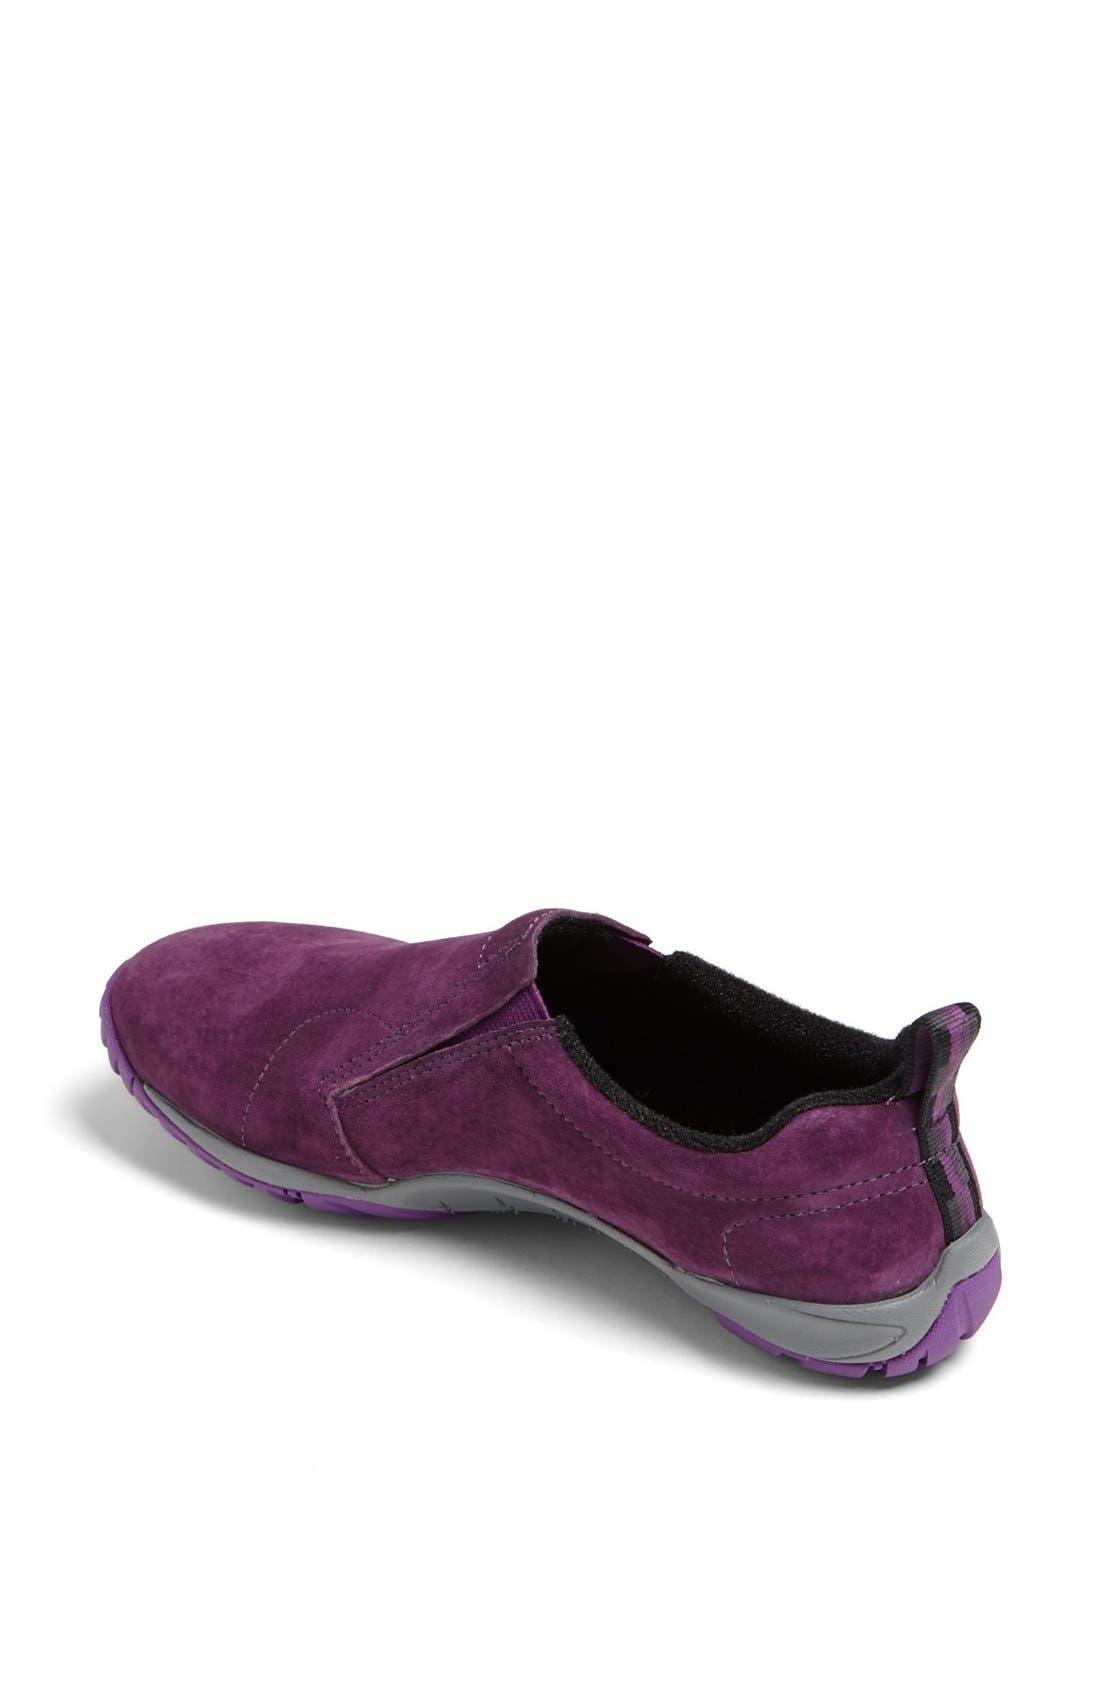 Alternate Image 2  - Merrell 'Jungle Glove' Sneaker (Women)